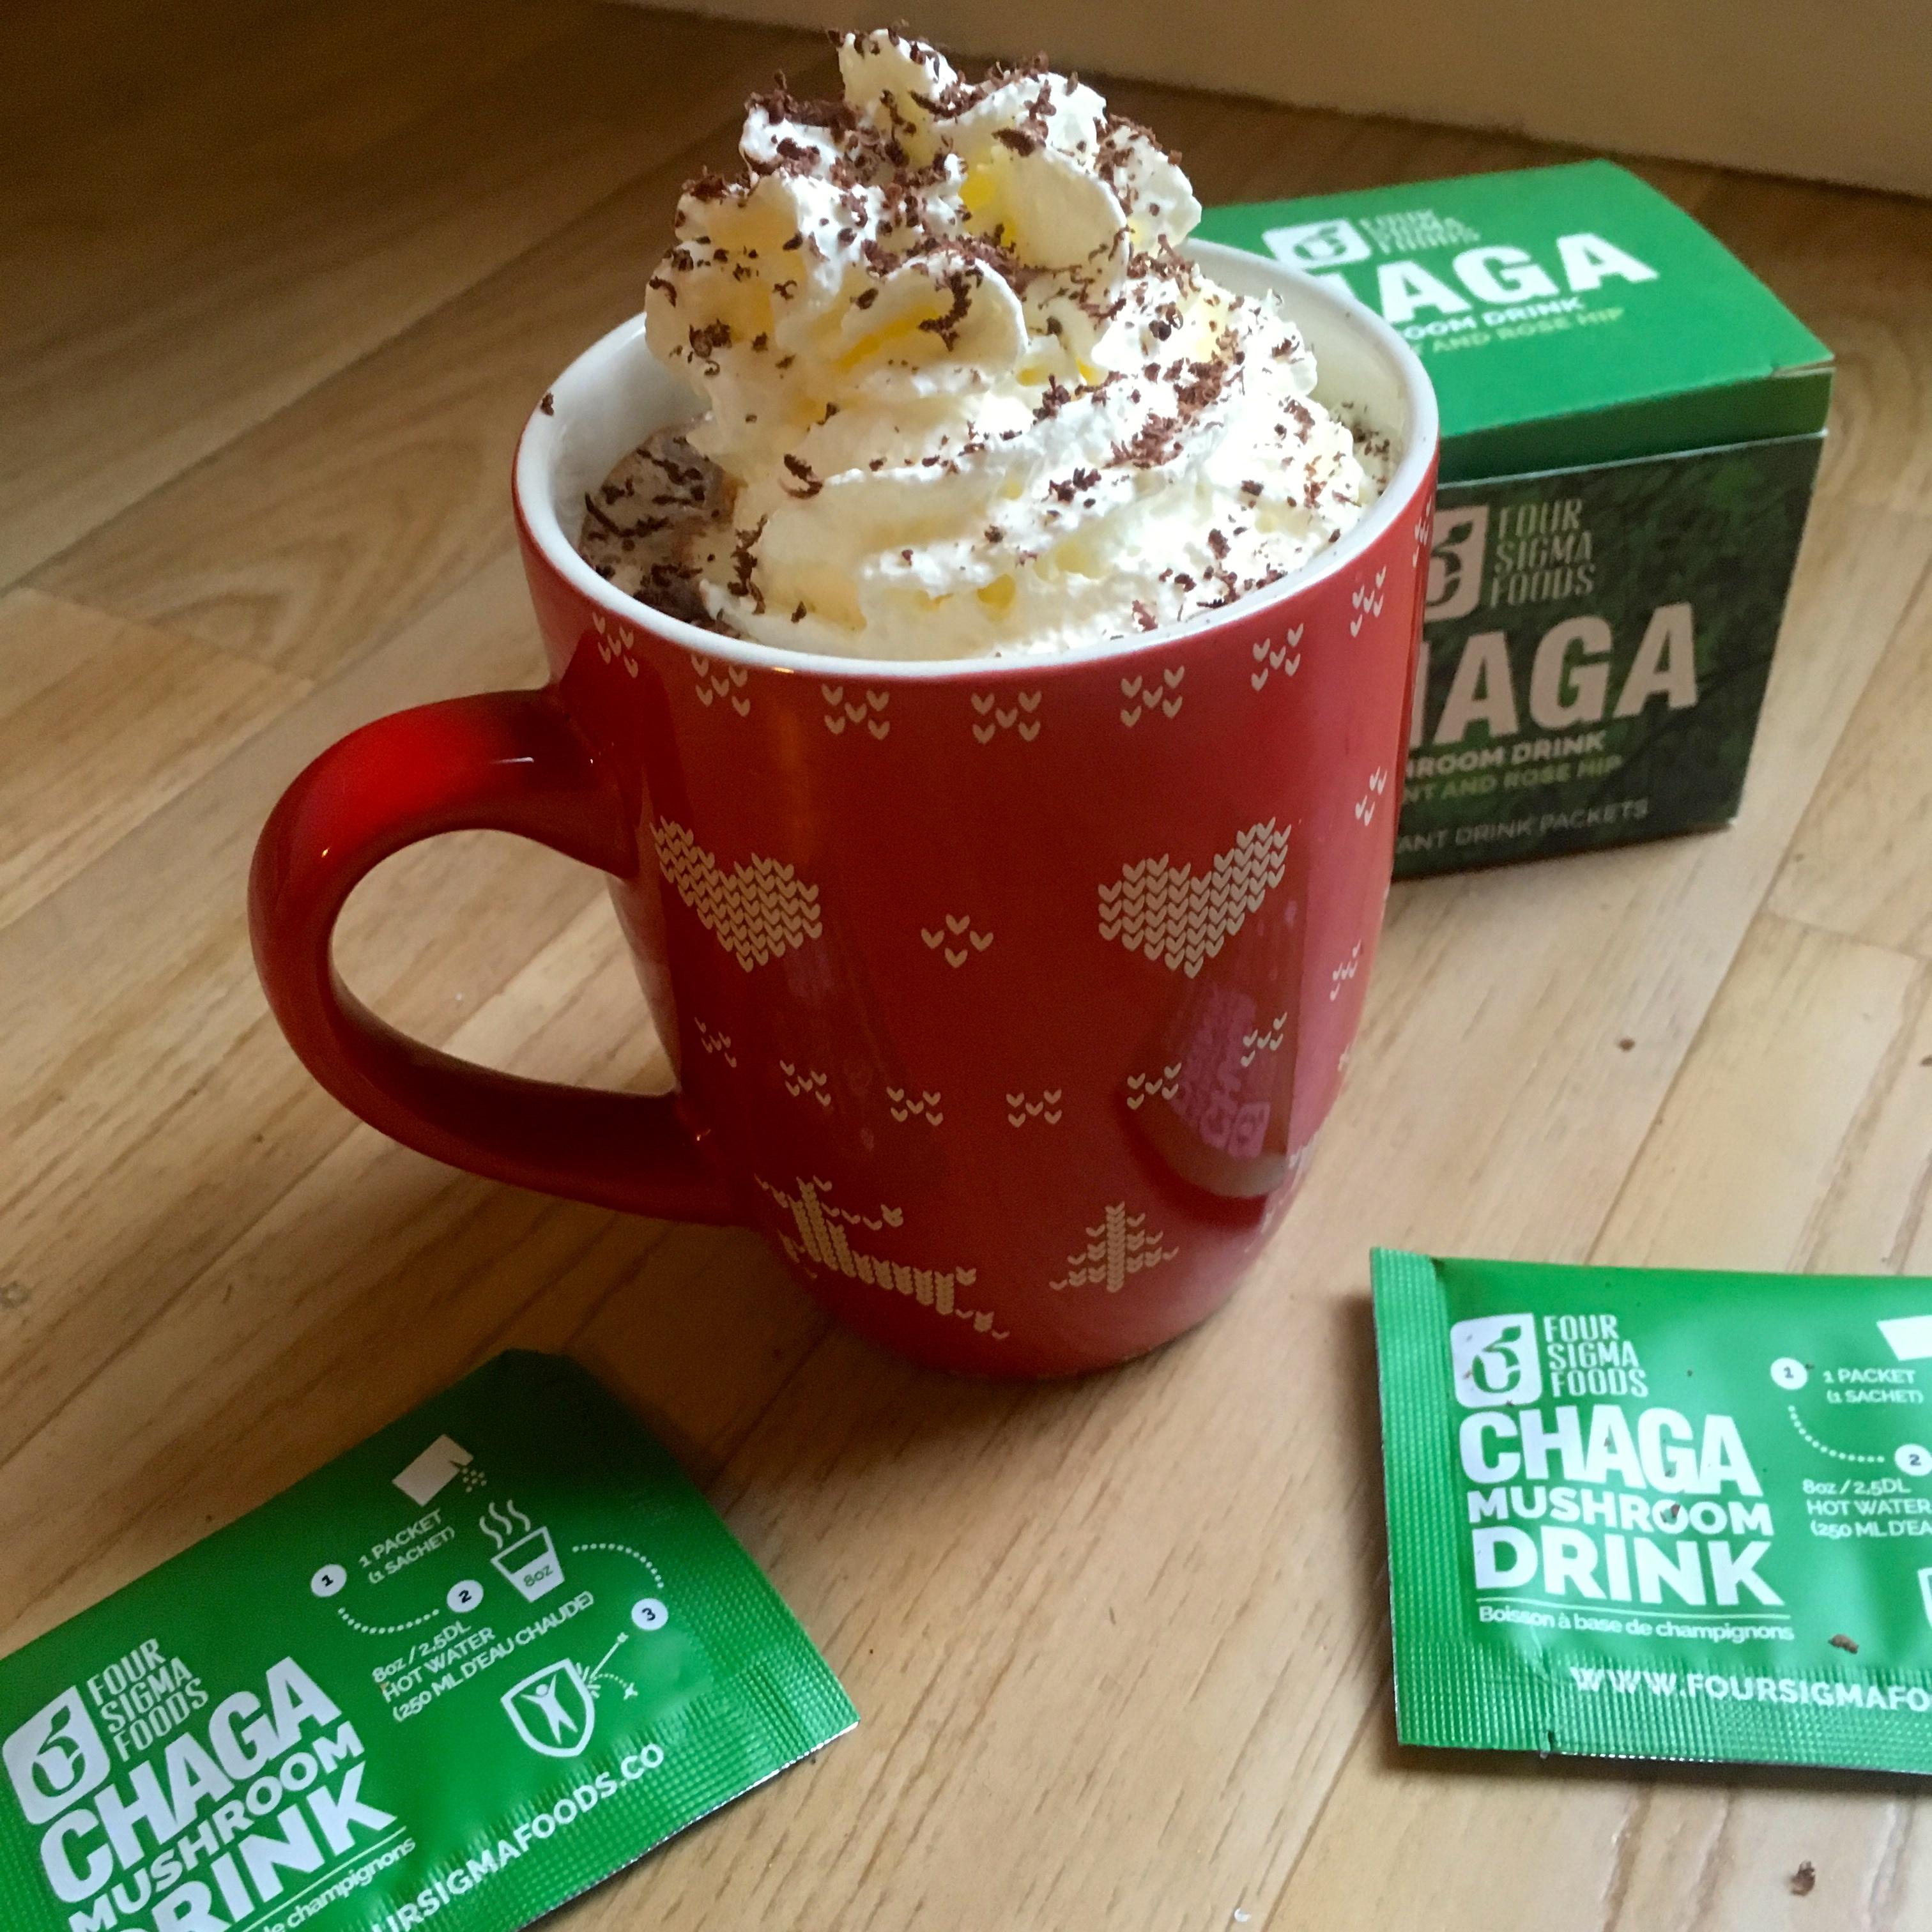 varm sjokolade med chaga